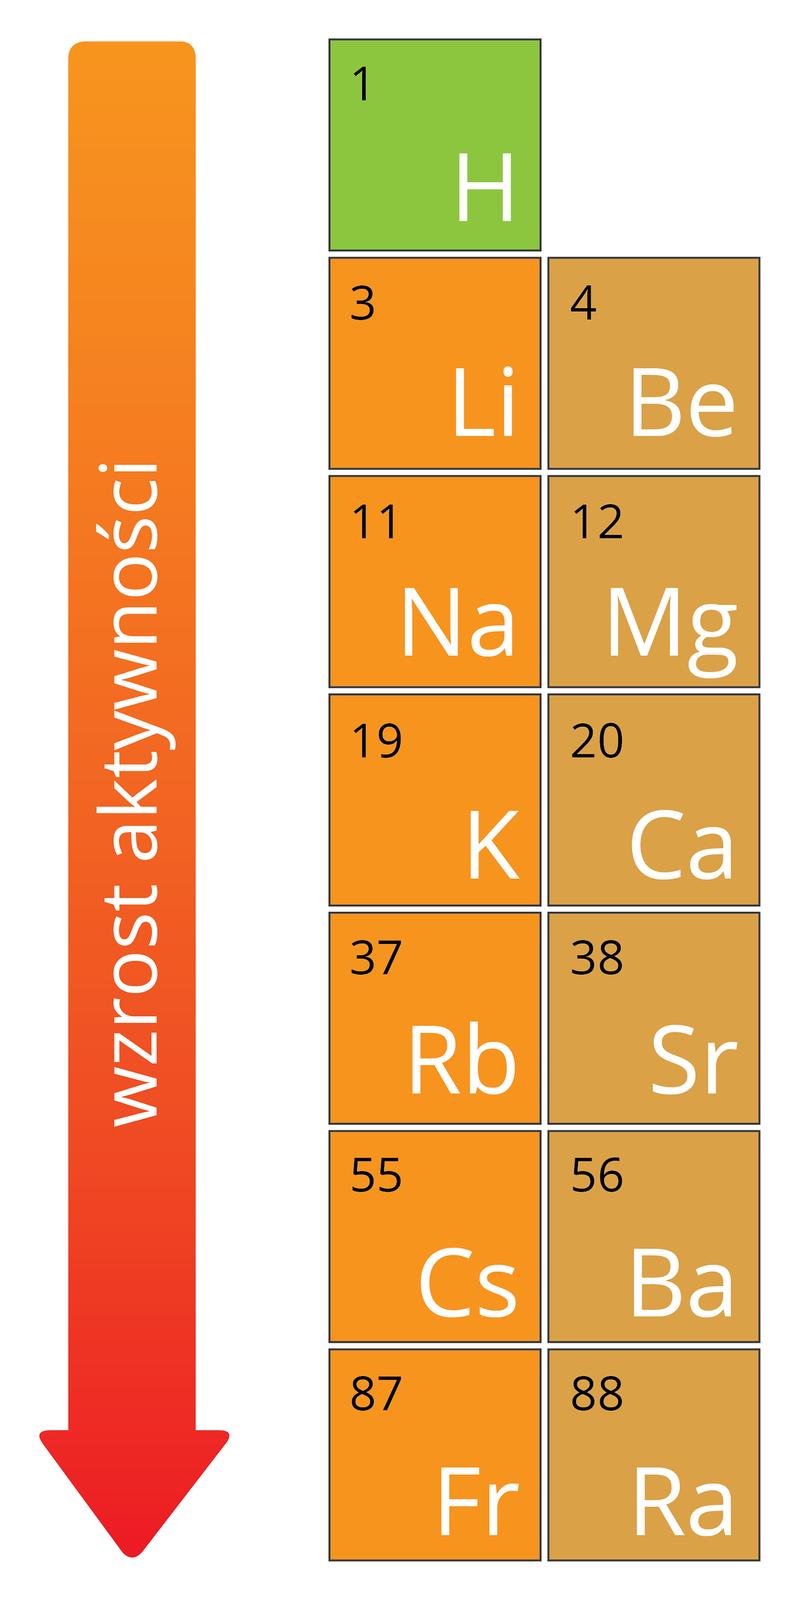 Ilustracja przedstawia fragment układu okresowego pierwiastków. Dwie pierwsze grupy, litowce wkolorze pomarańczowym iberylowce wkolorze brązowym wraz zwodorem, który jednak wyróżniono zielonym kolorem odpowiadającego mu kwadratu. Pola układu okresowego nie zawierają wszystkich informacji opierwiastkach, ajedynie symbol iliczbę atomową. Po lewej stronie tego wycinka znajduje się równoległa do bocznej krawędzi układu okresowego strzałka skierowana wdół okolorze przechodzącym od pomarańczowego ugóry wczerwony na dole znapisem Wzrost aktywności.